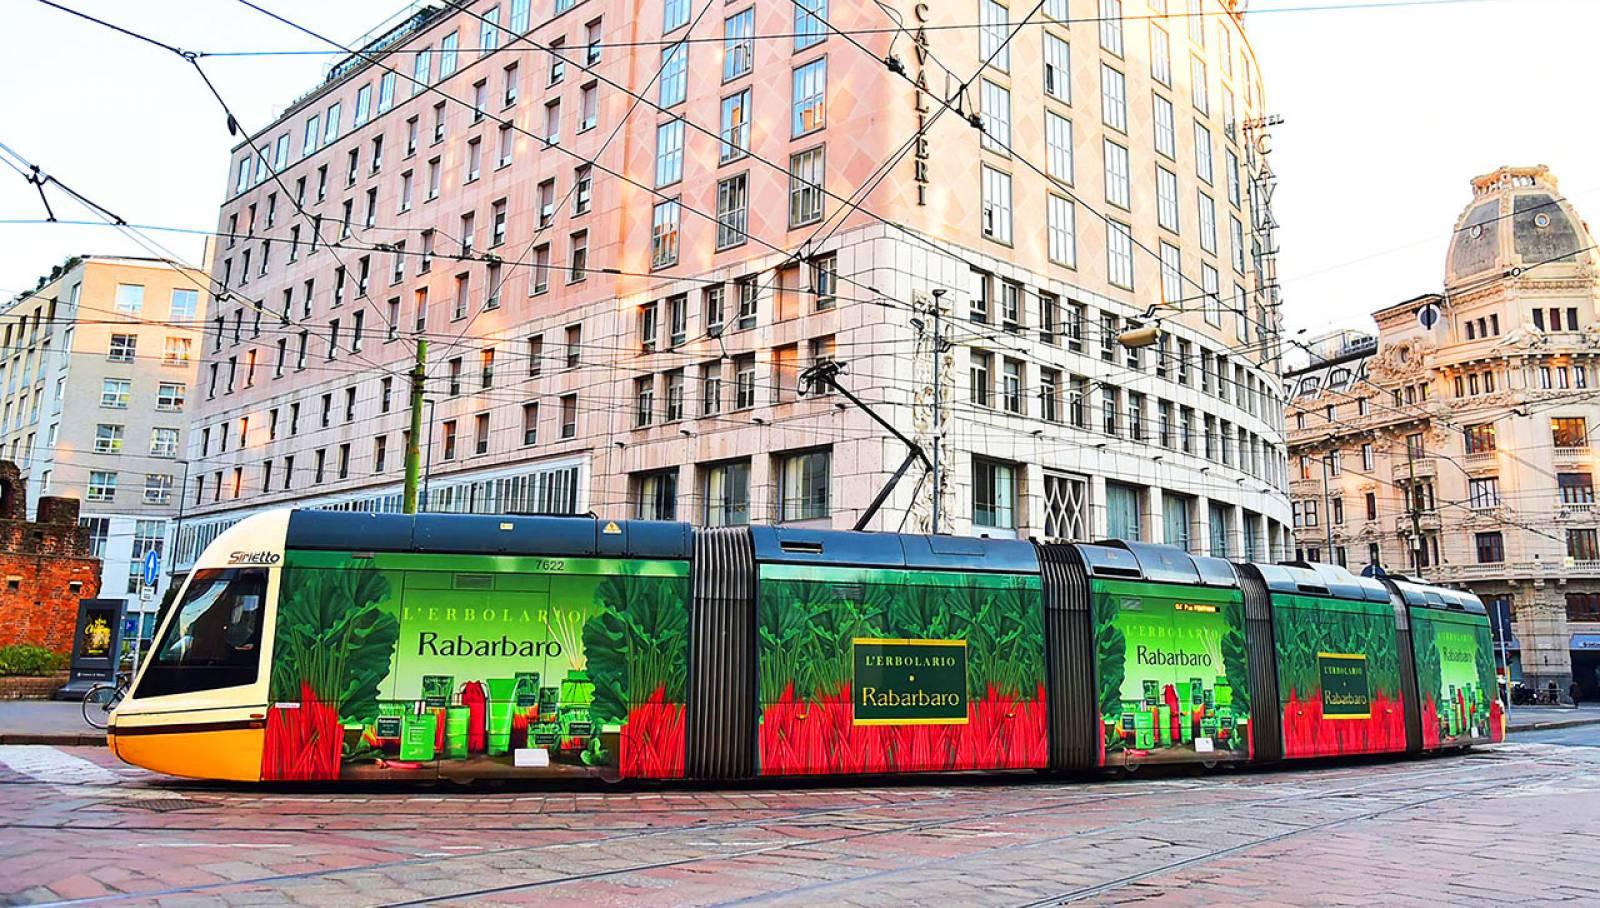 Pubblicità sui tram a Milano IGPDecaux tram decorato per L'Erbolario